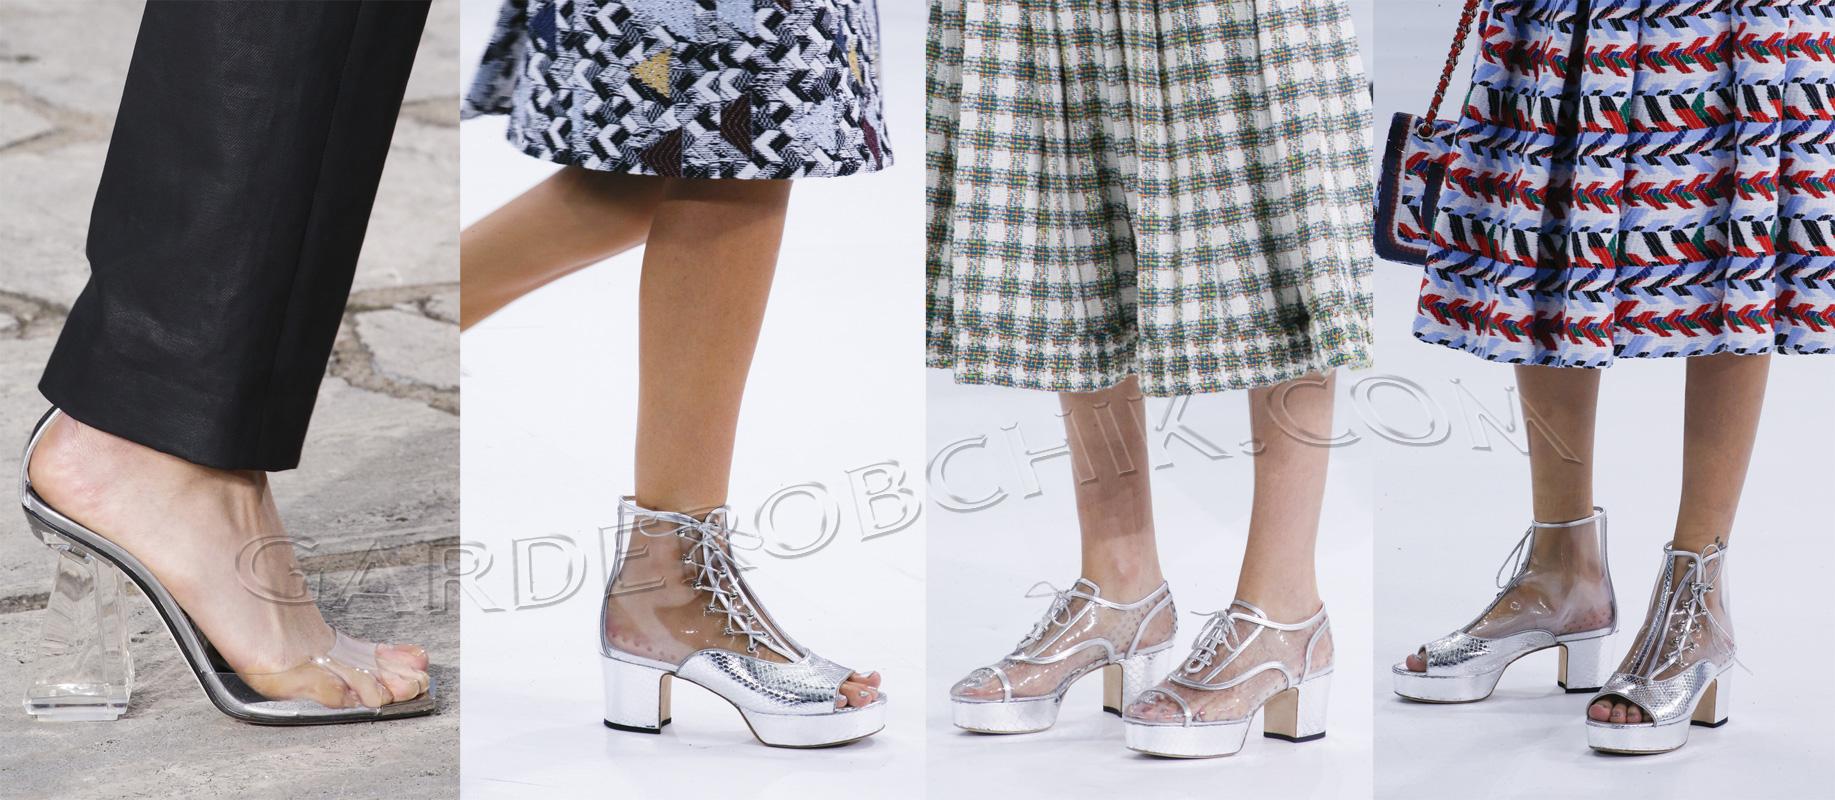 Что будет в моде весной и летом обувь фото